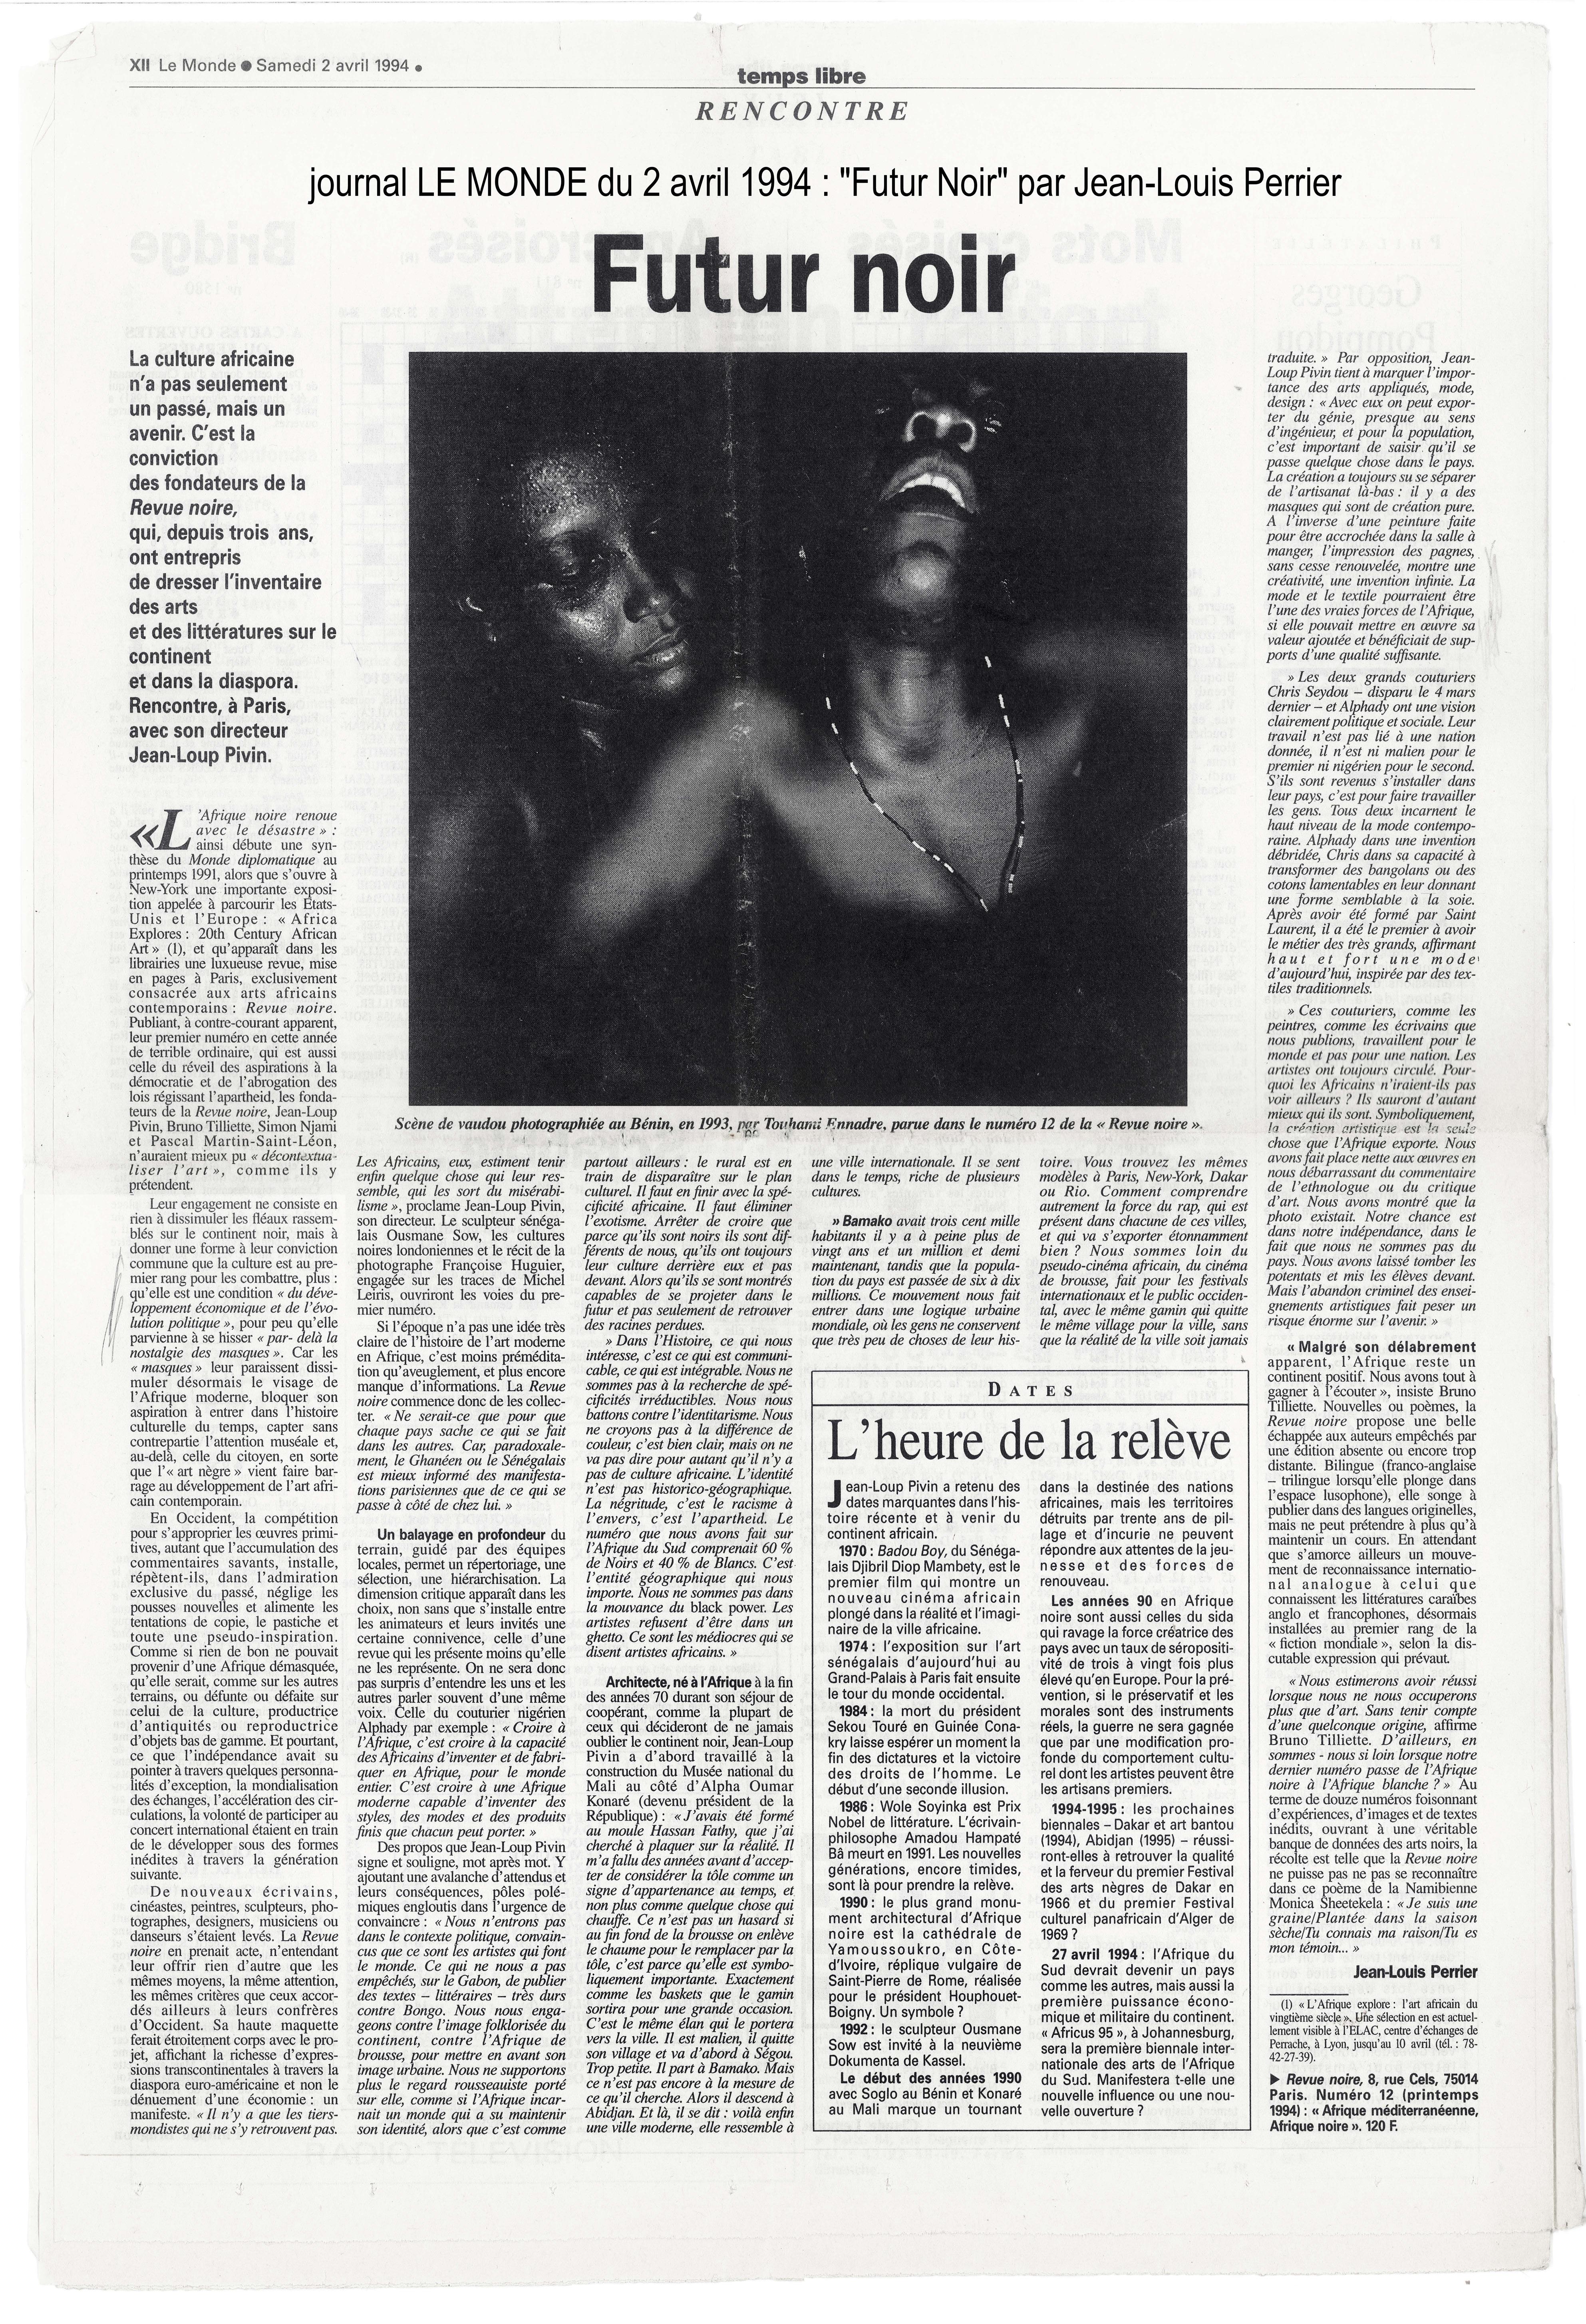 """Presse : """"Futur Noir"""" par Jean-Louis Perrier, in Le Monde, avril 1994."""